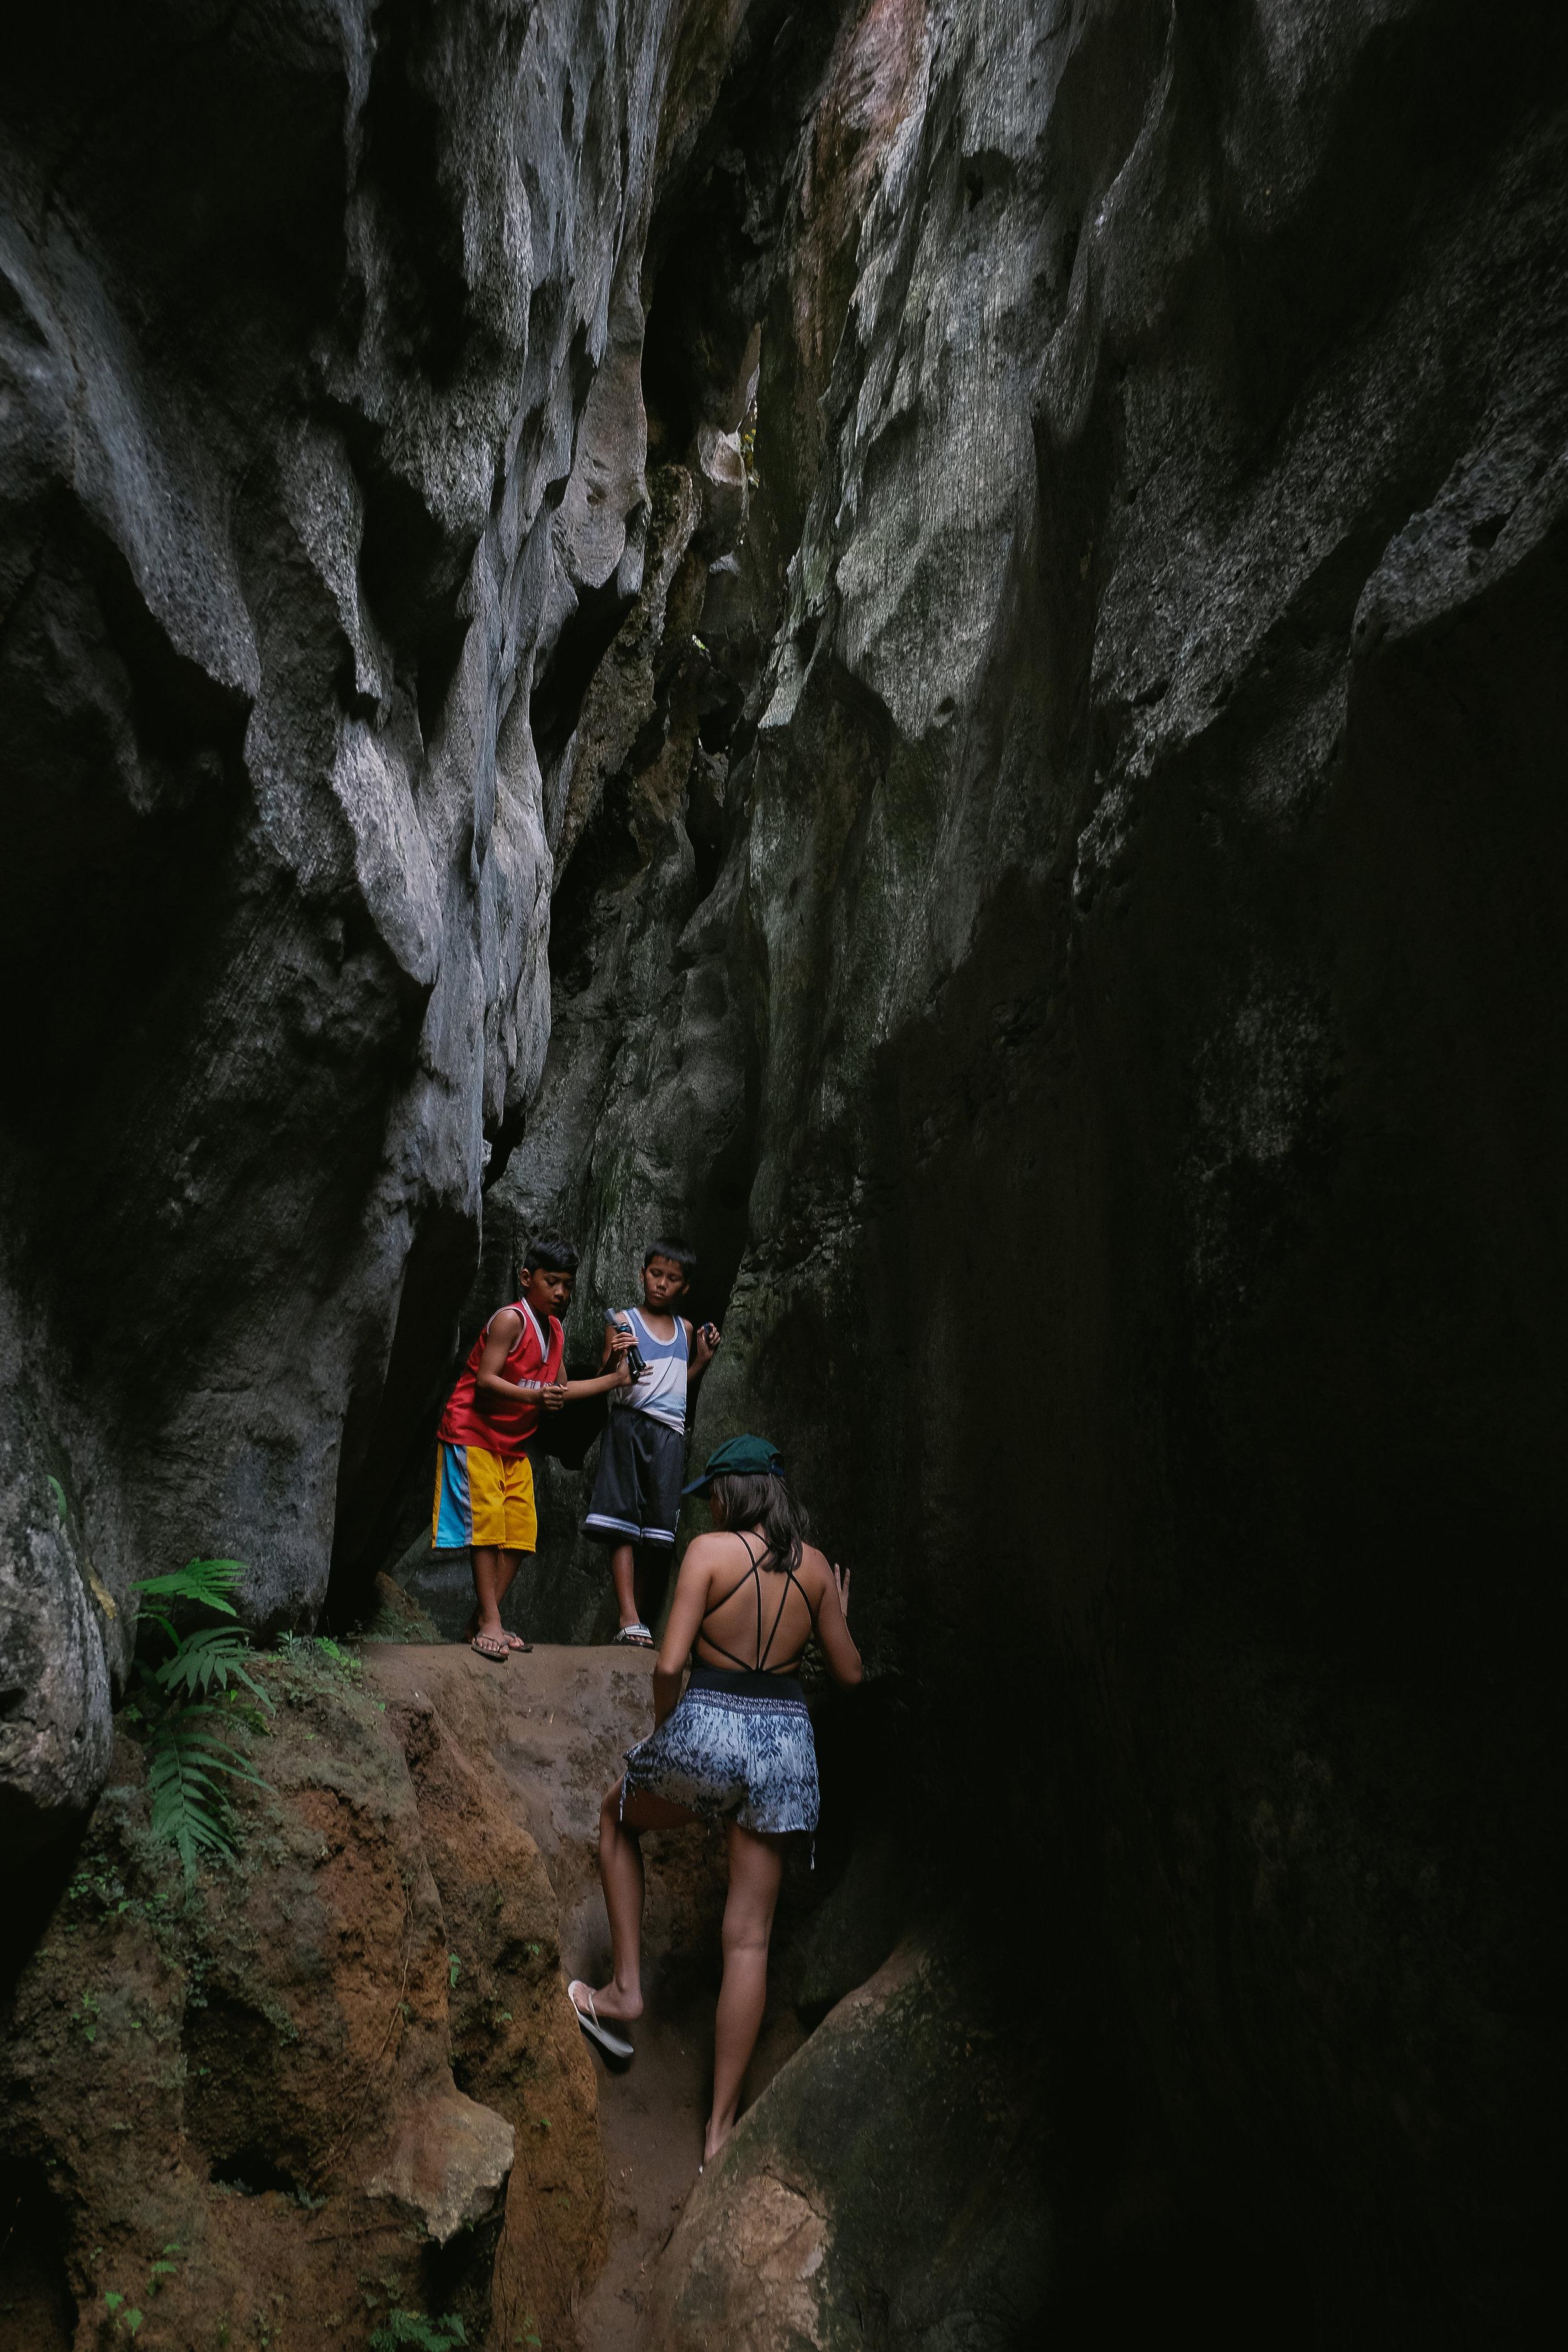 Malangaan Cave, Bulacan